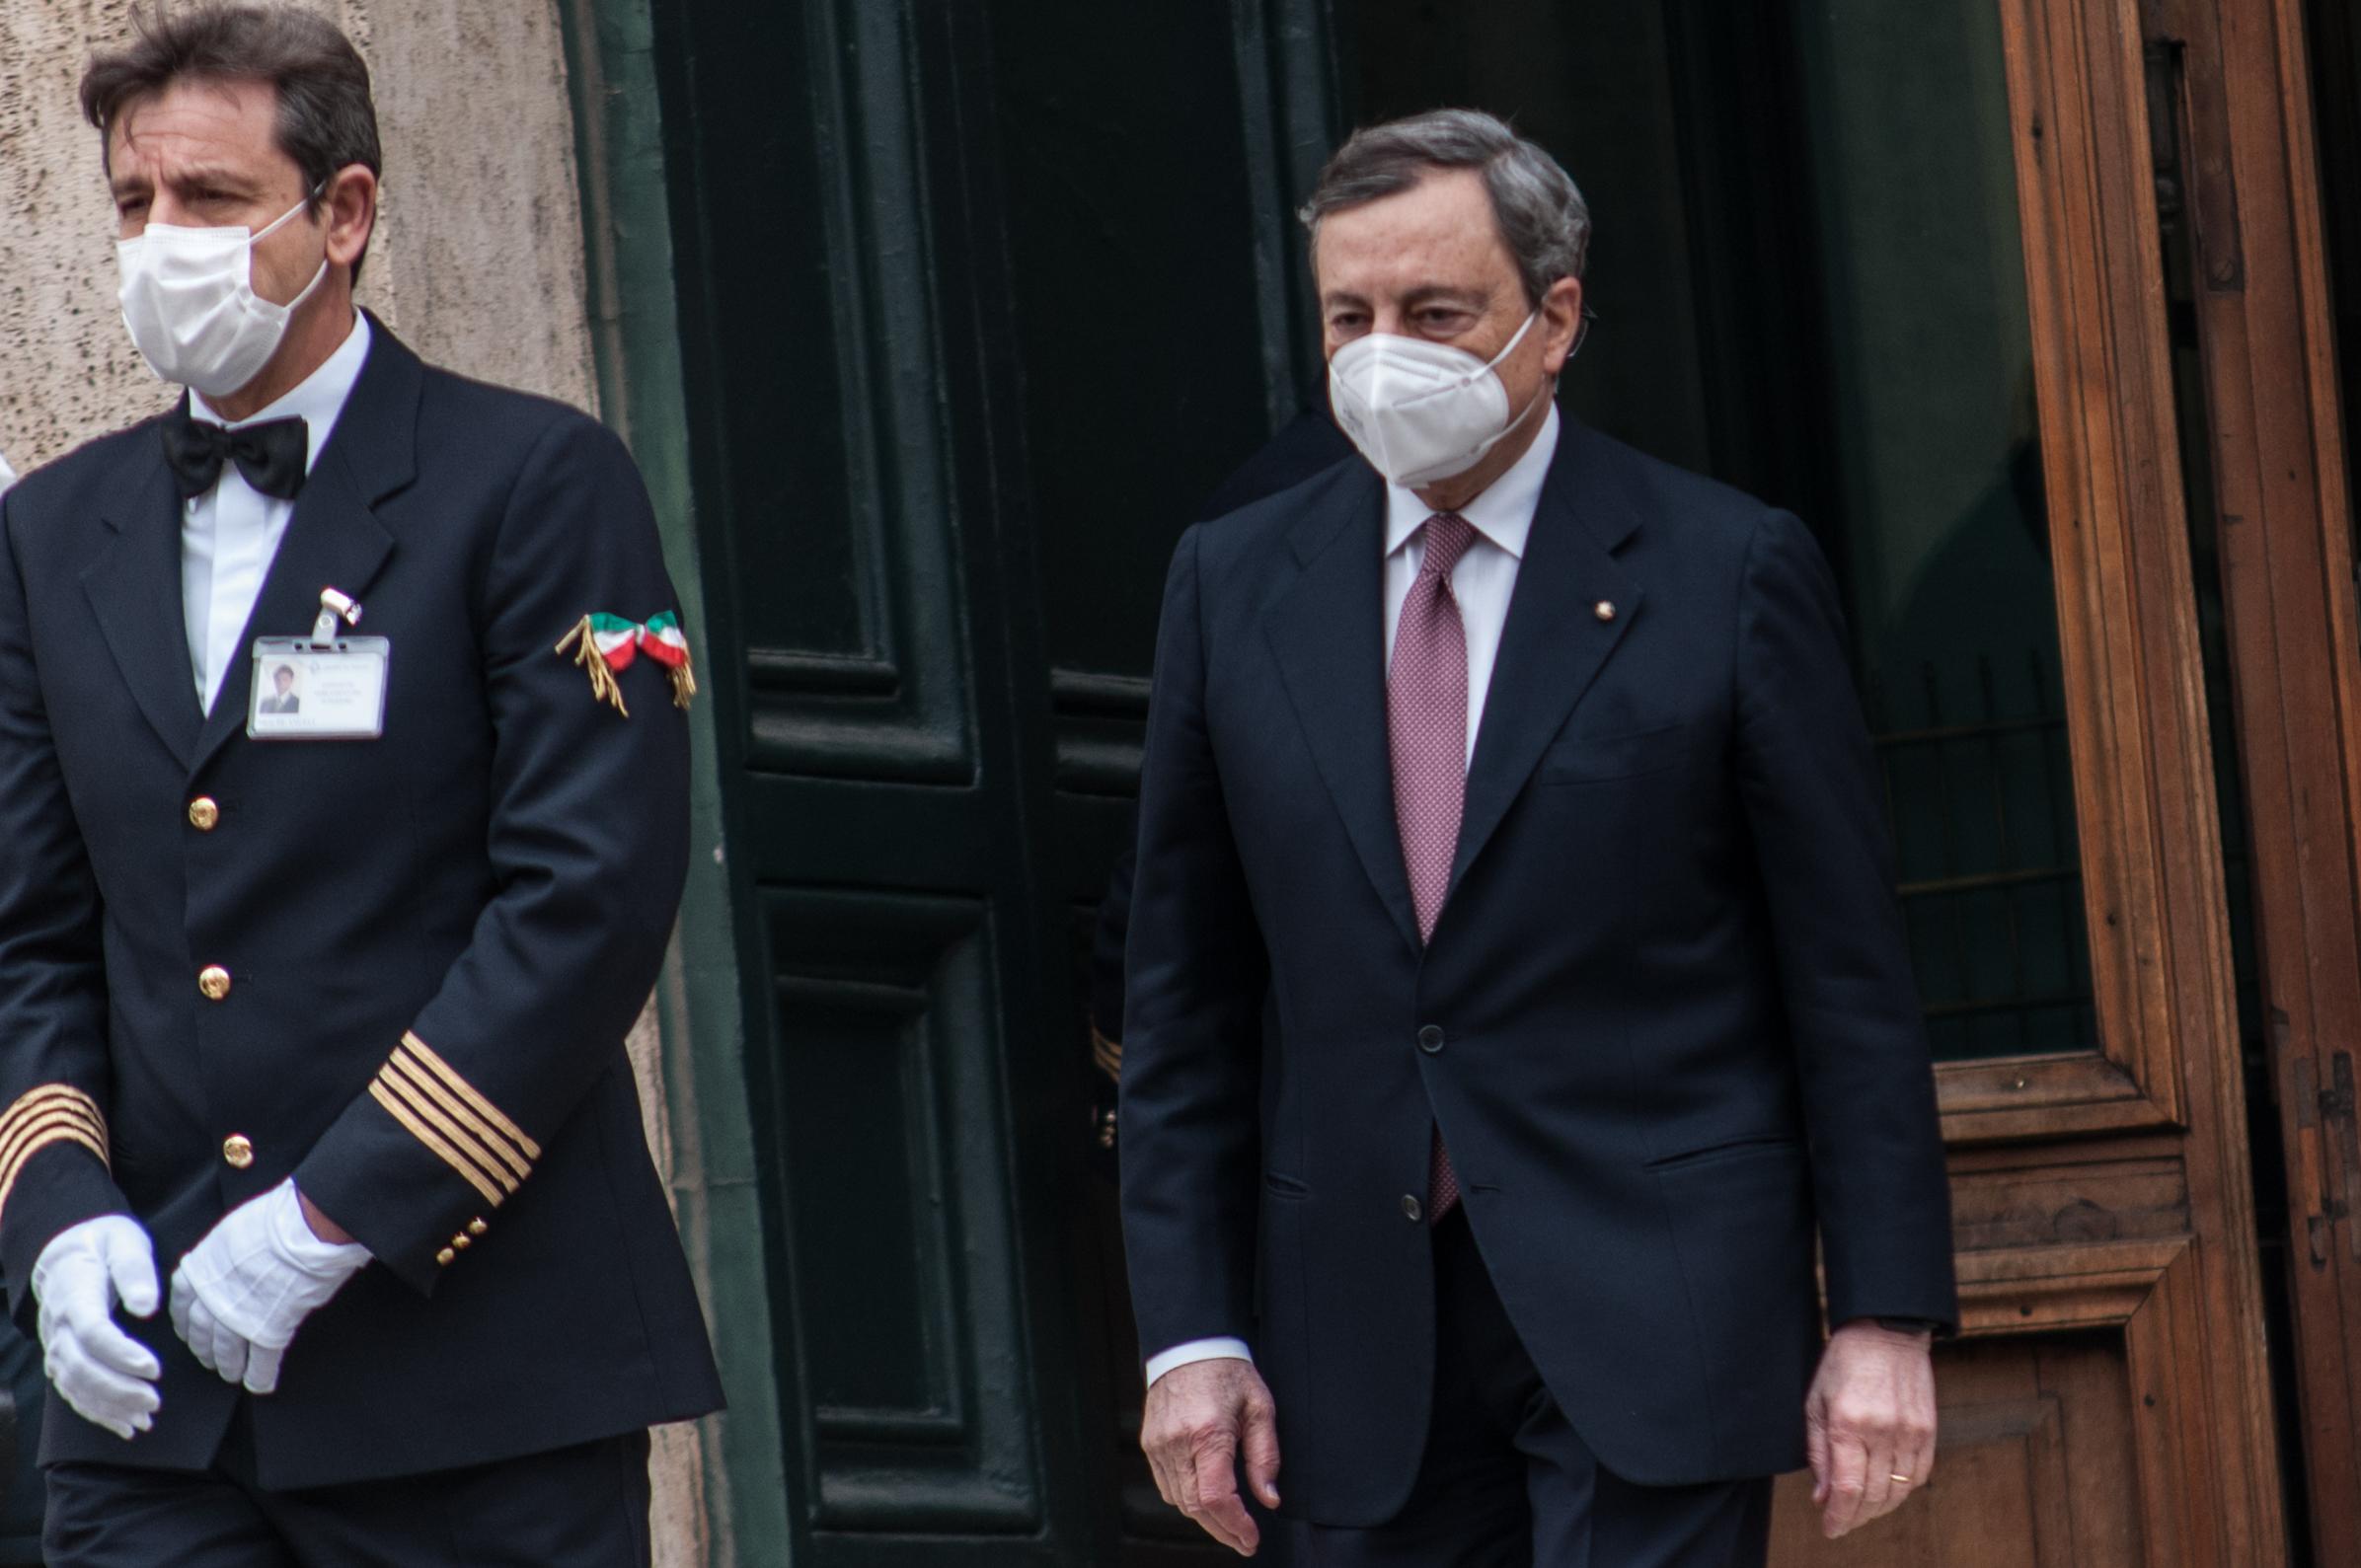 Megkapta a bizalmat Mario Draghi kormánya Olaszországban